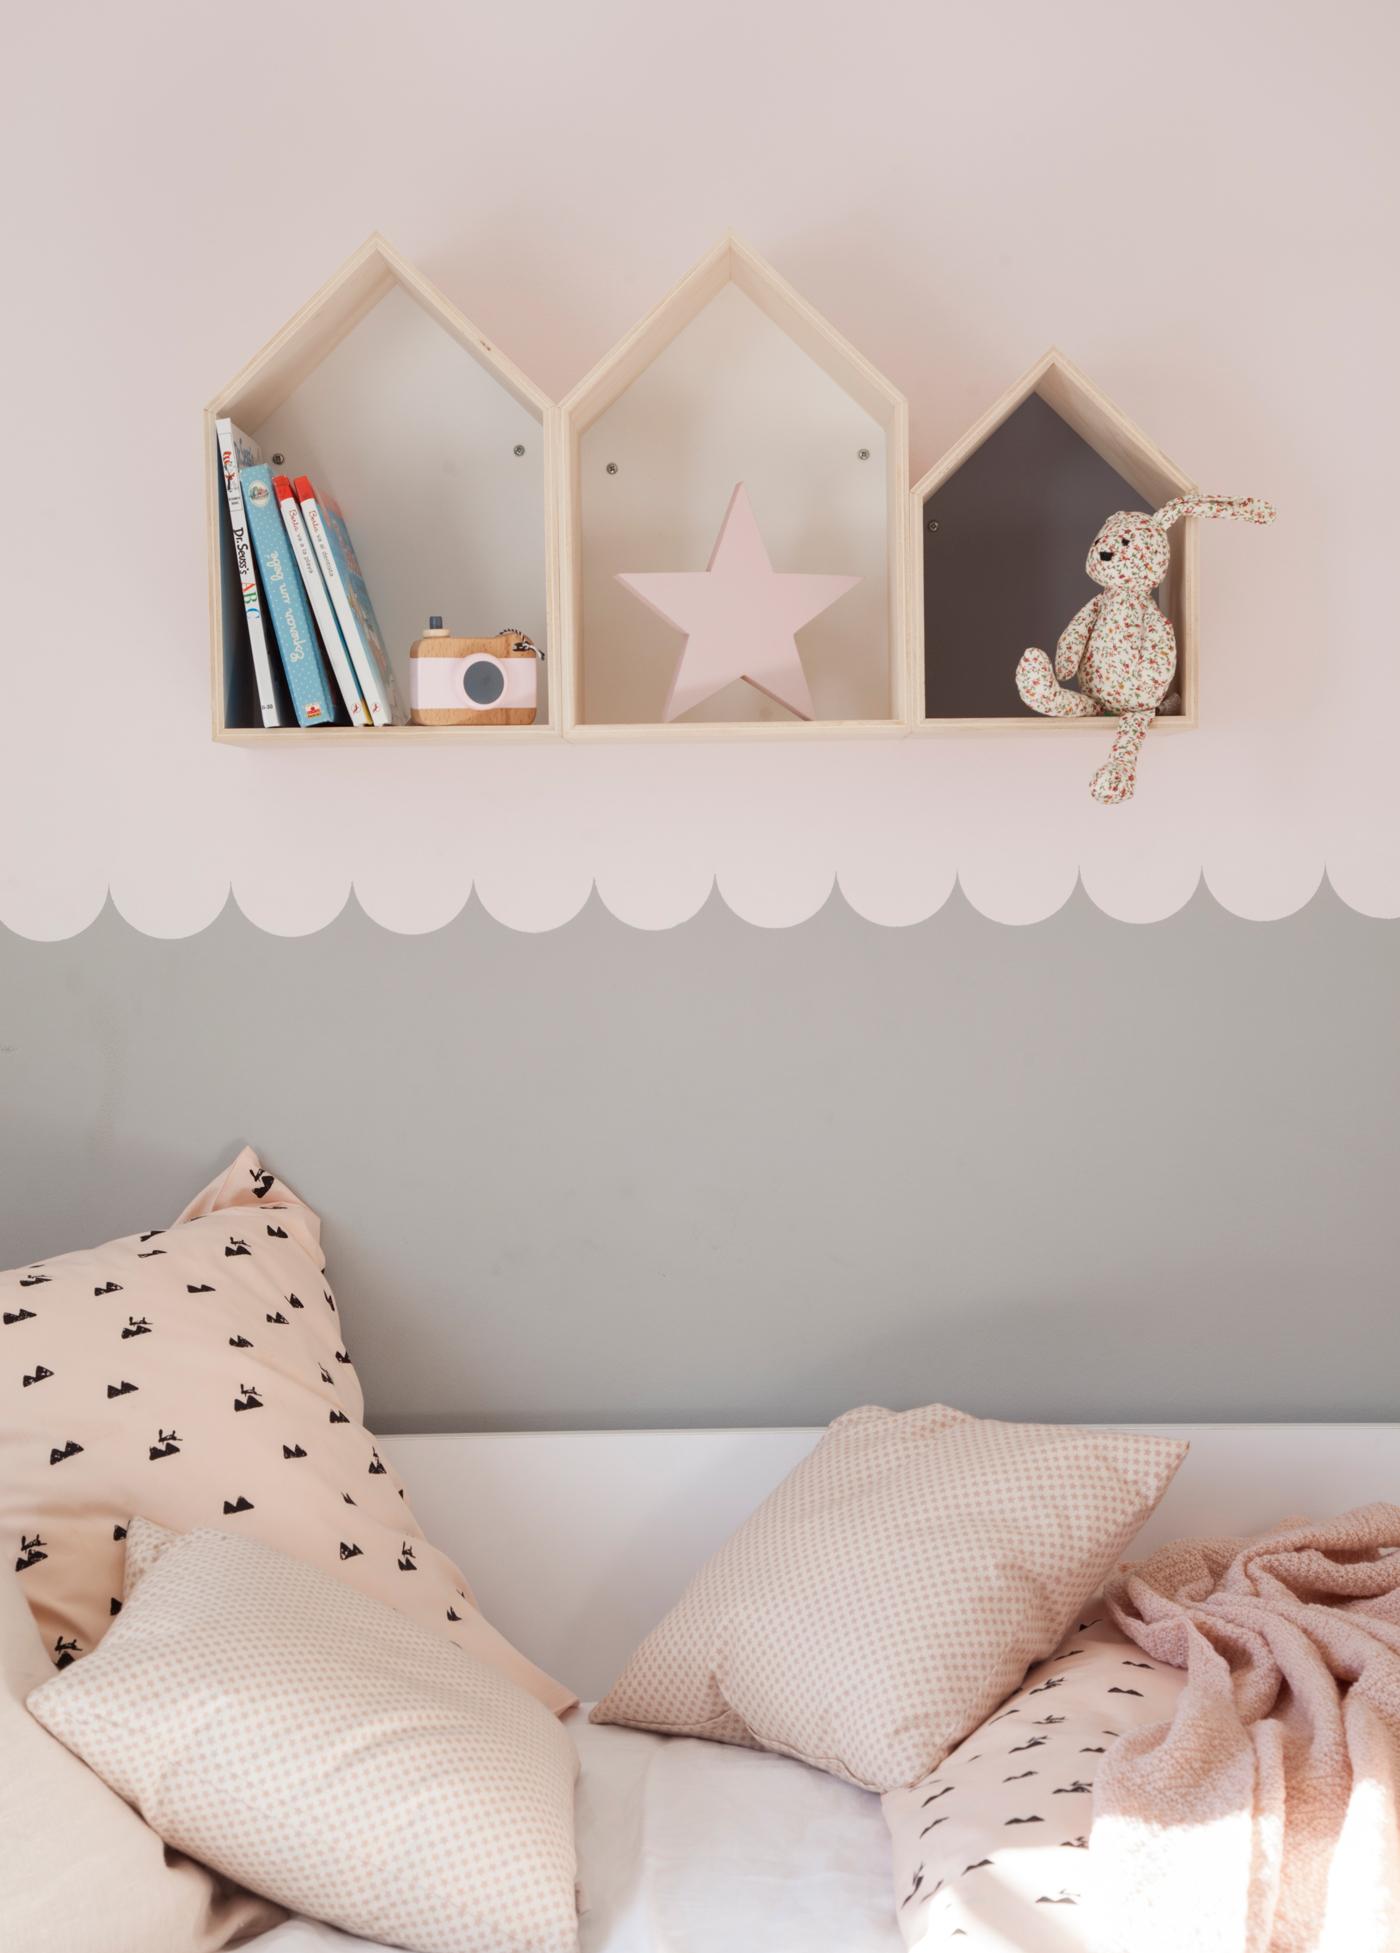 00443165 O. Pared con pintura decorativa en gris claro y rosa, en habitación infantil. Ropa de cama en rosa y negro 00443165 O